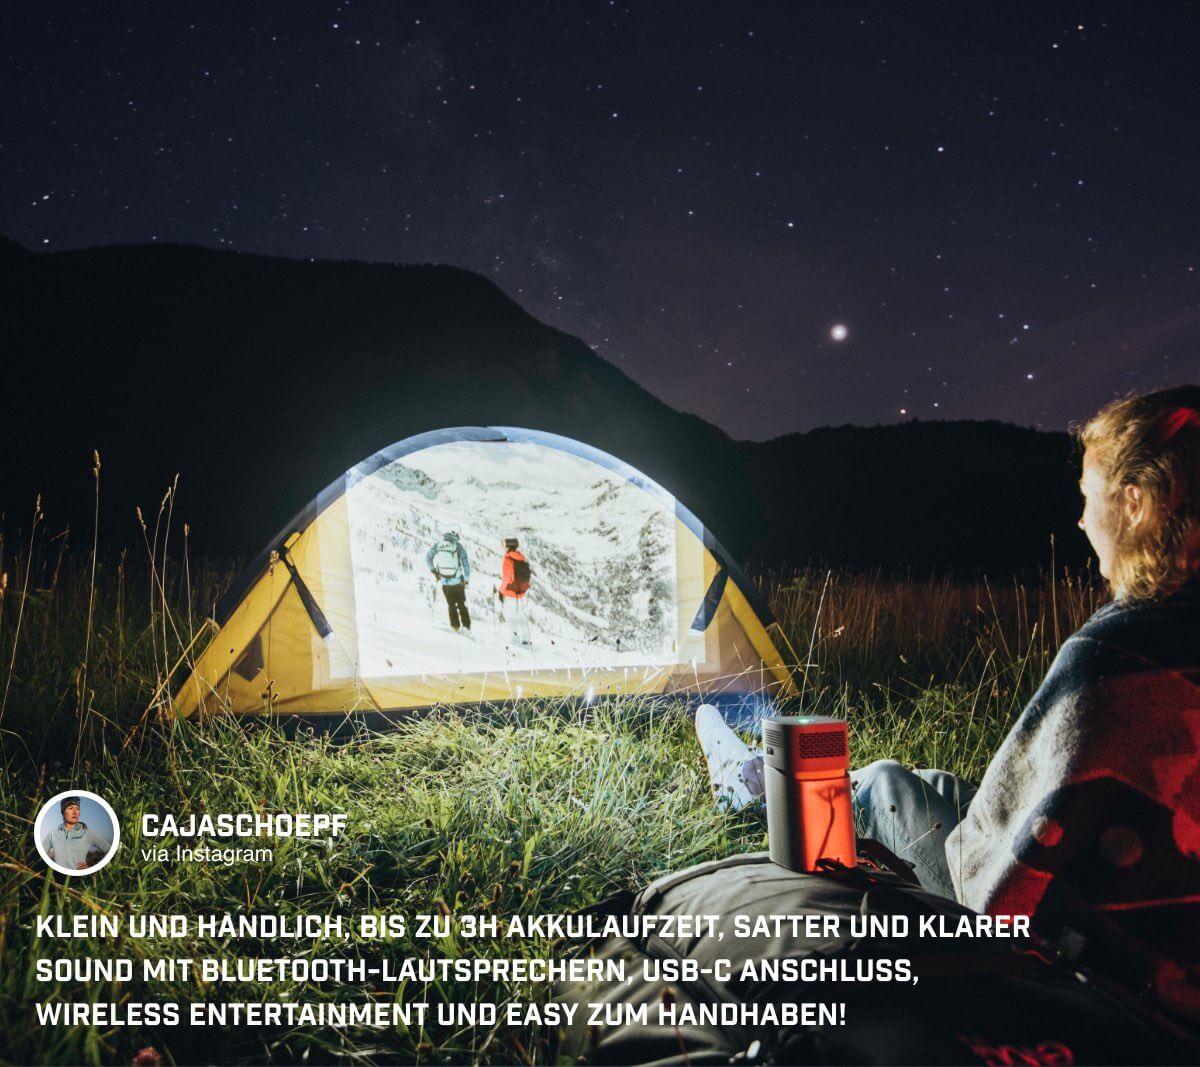 @cajschoepf nutzt den portablen Mini Beamer im Freien unter klarem Sternenhimmel